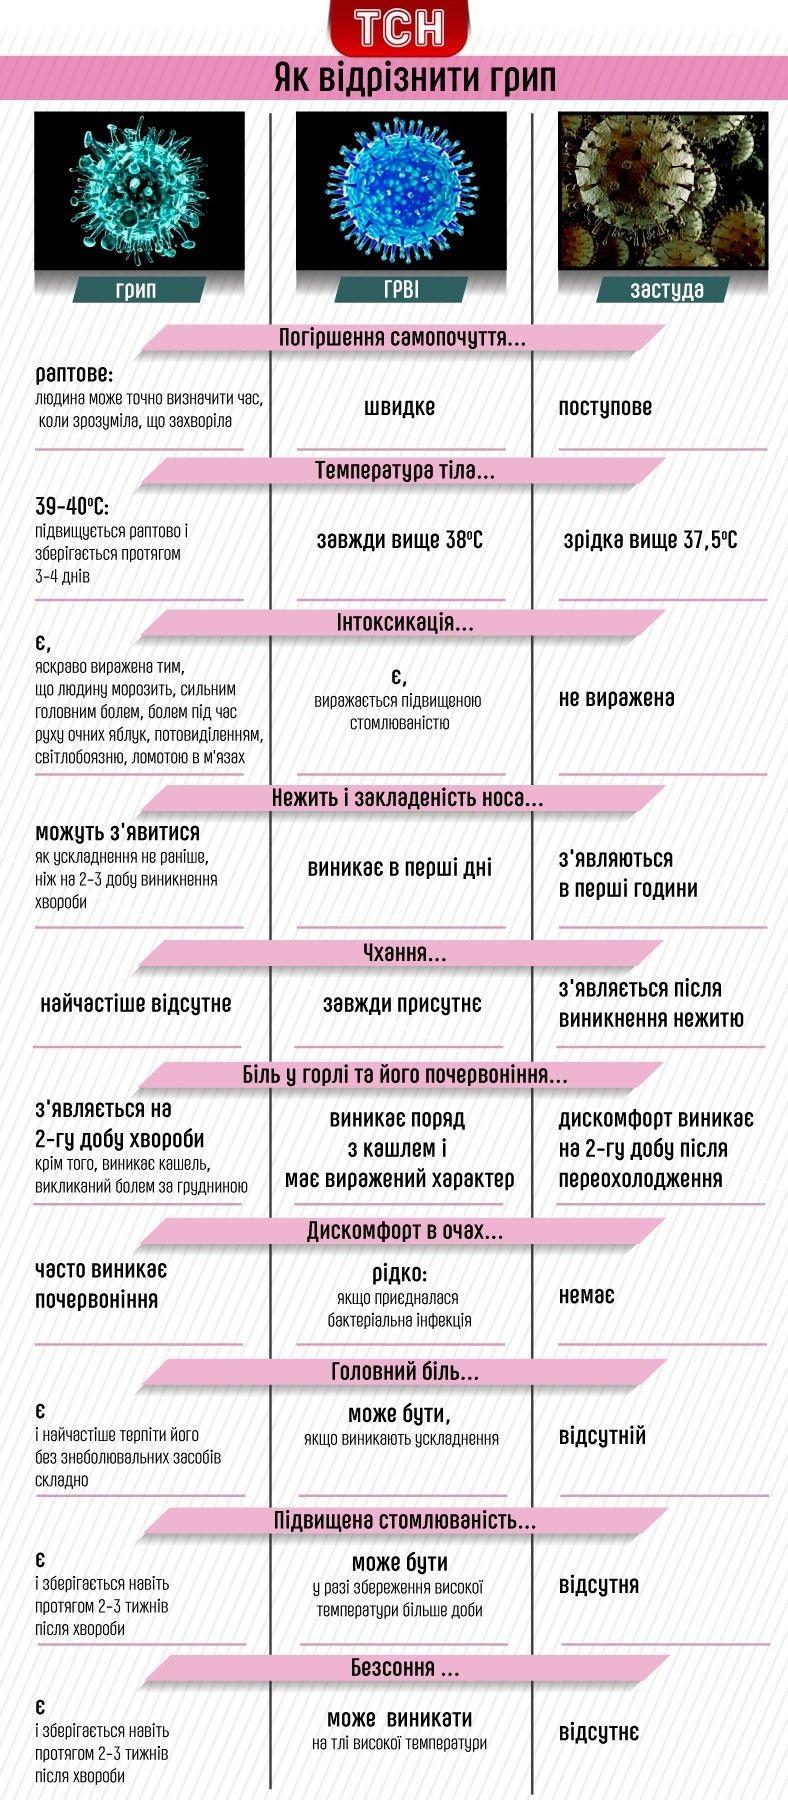 Как отличить коронавирус от простуды и гриппа? - hi-news.ru